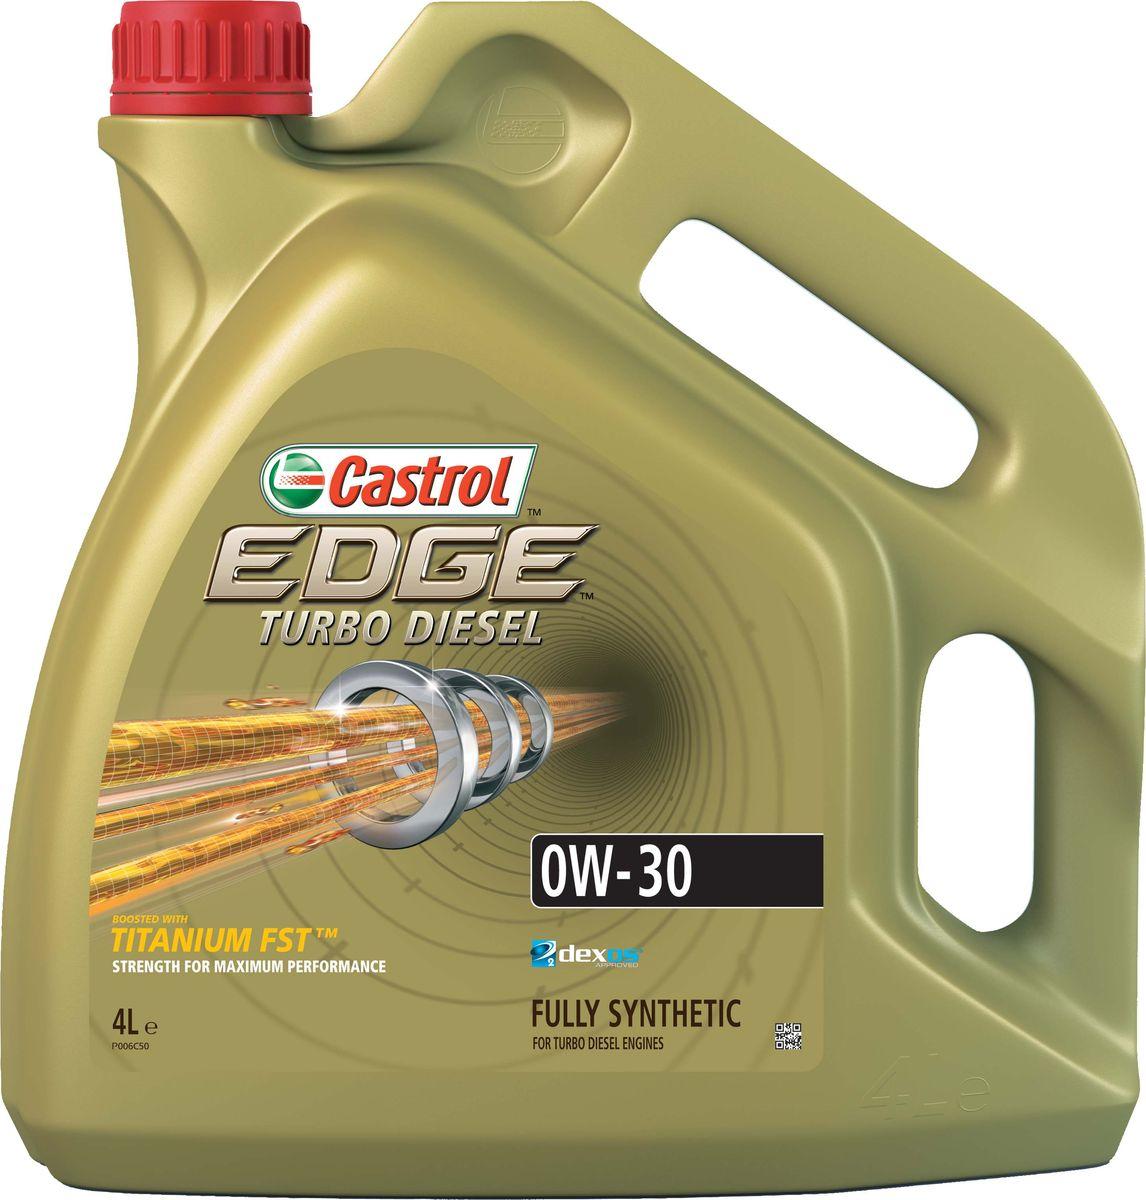 Моторное масло Castrol EdgeTurbo Diesel 0W-30, 4 л157E5CОписание Полностью синтетическое моторное масло Castrol EDGE произведено с использованием новейшей технологии TITANIUM FST™, придающей масляной пленке дополнительную силу и прочность благодаря соединениям титана. TITANIUM FST™ радикально меняет поведение масла в условиях экстремальных нагрузок, формируя дополнительный ударопоглащающий слой. Испытания подтвердили, что TITANIUM FST™ в 2 раза увеличивает прочность пленки, предотвращая ее разрыв и снижая трение для максимальной производительности двигателя. С Castrol EDGE Ваш автомобиль готов к любым испытаниям независимо от дорожных условий. Применение Castrol EDGE Turbo Diesel 0W-30 предназначено для бензиновых и дизельных двигателей автомобилей, где производитель рекомендует моторные масла спецификаций ACEA C3, API SN или более ранних. Castrol EDGE Turbo Diesel 0W-30 одобрено к применению ведущими производителями техники (см. раздел спецификаций и руководство по эксплуатации автомобиля). *GM dexos2®: заменяет GM-LL-B-025 and...